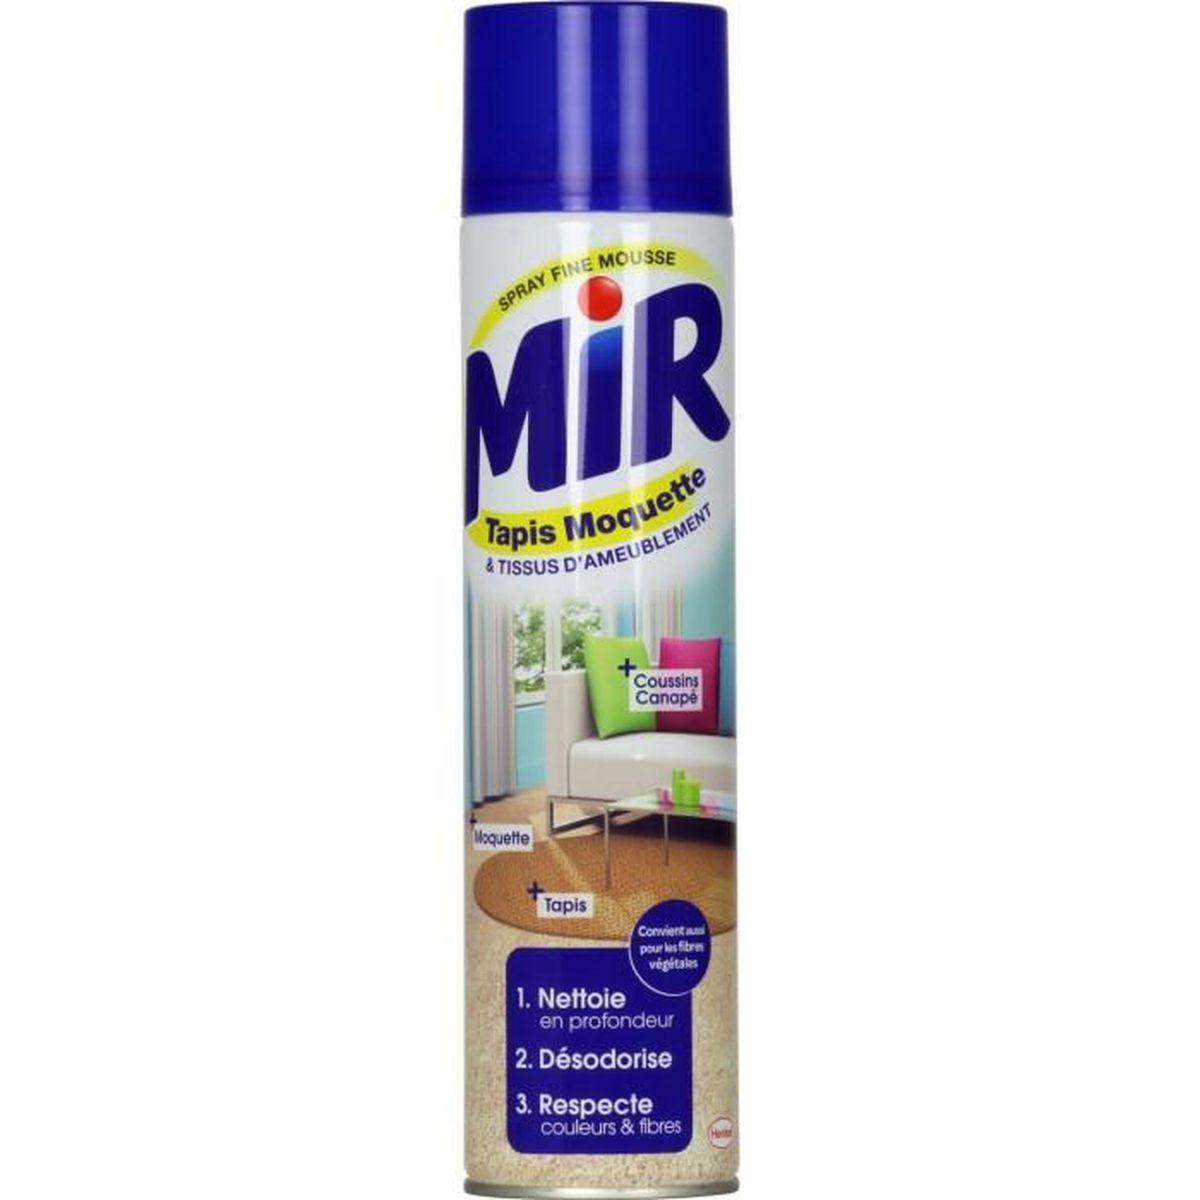 mir tapis moquette nettoyant tapis et moquettes spray mousse 600 ml lot de 3 achat ForMir Tapis Moquette